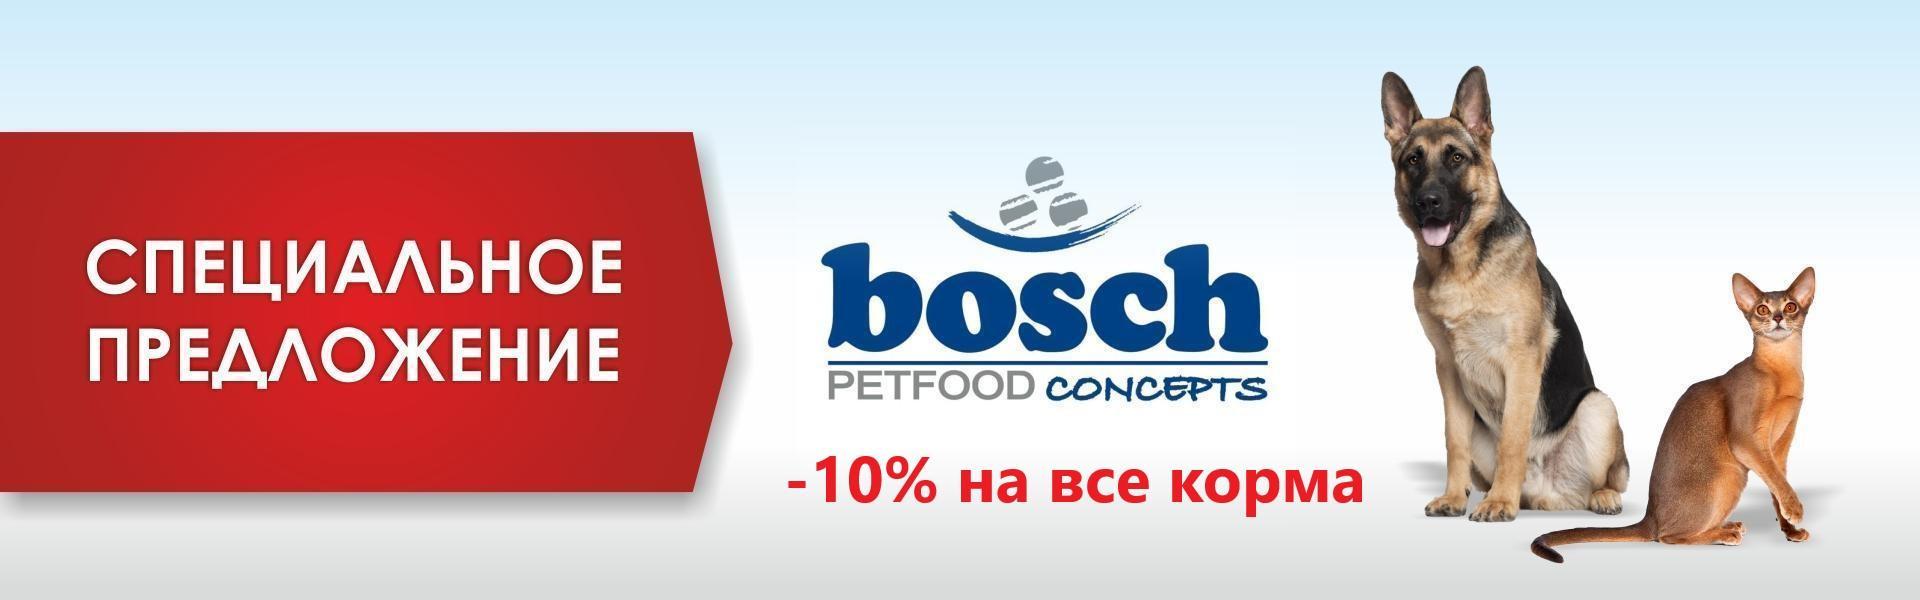 Бош 10%